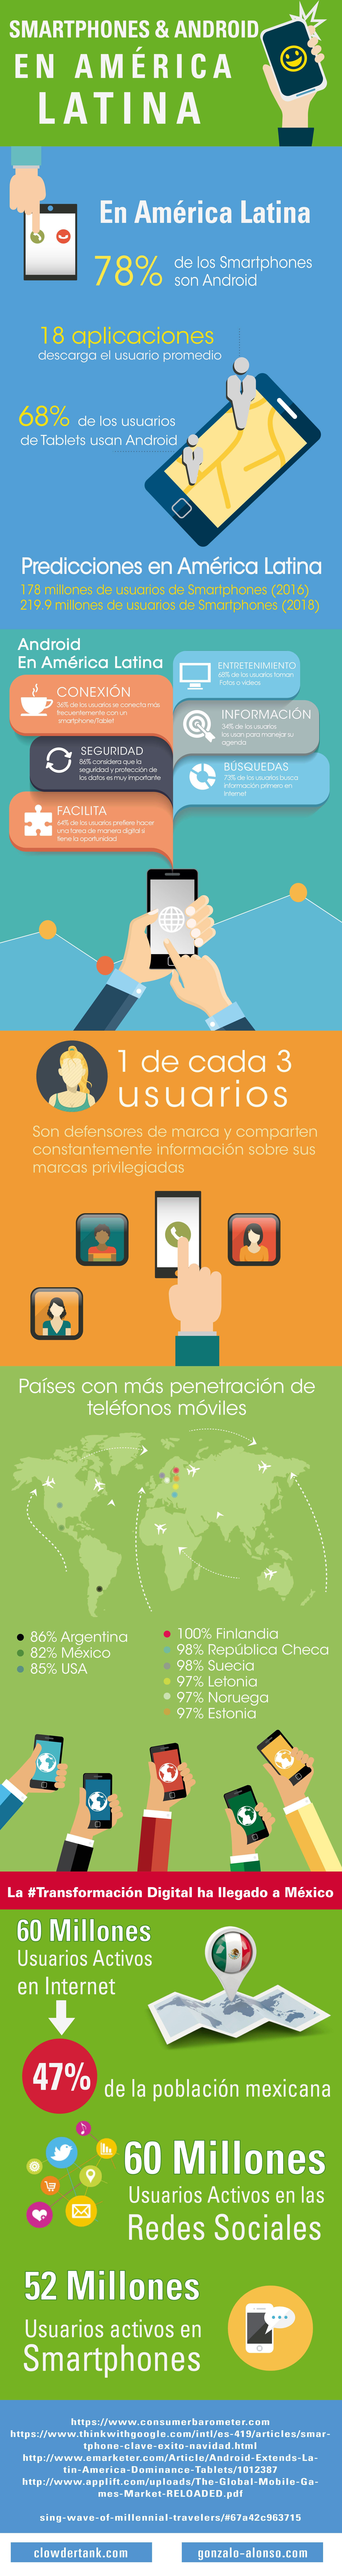 Infografía Uso de Smartphones y Android en América Latina